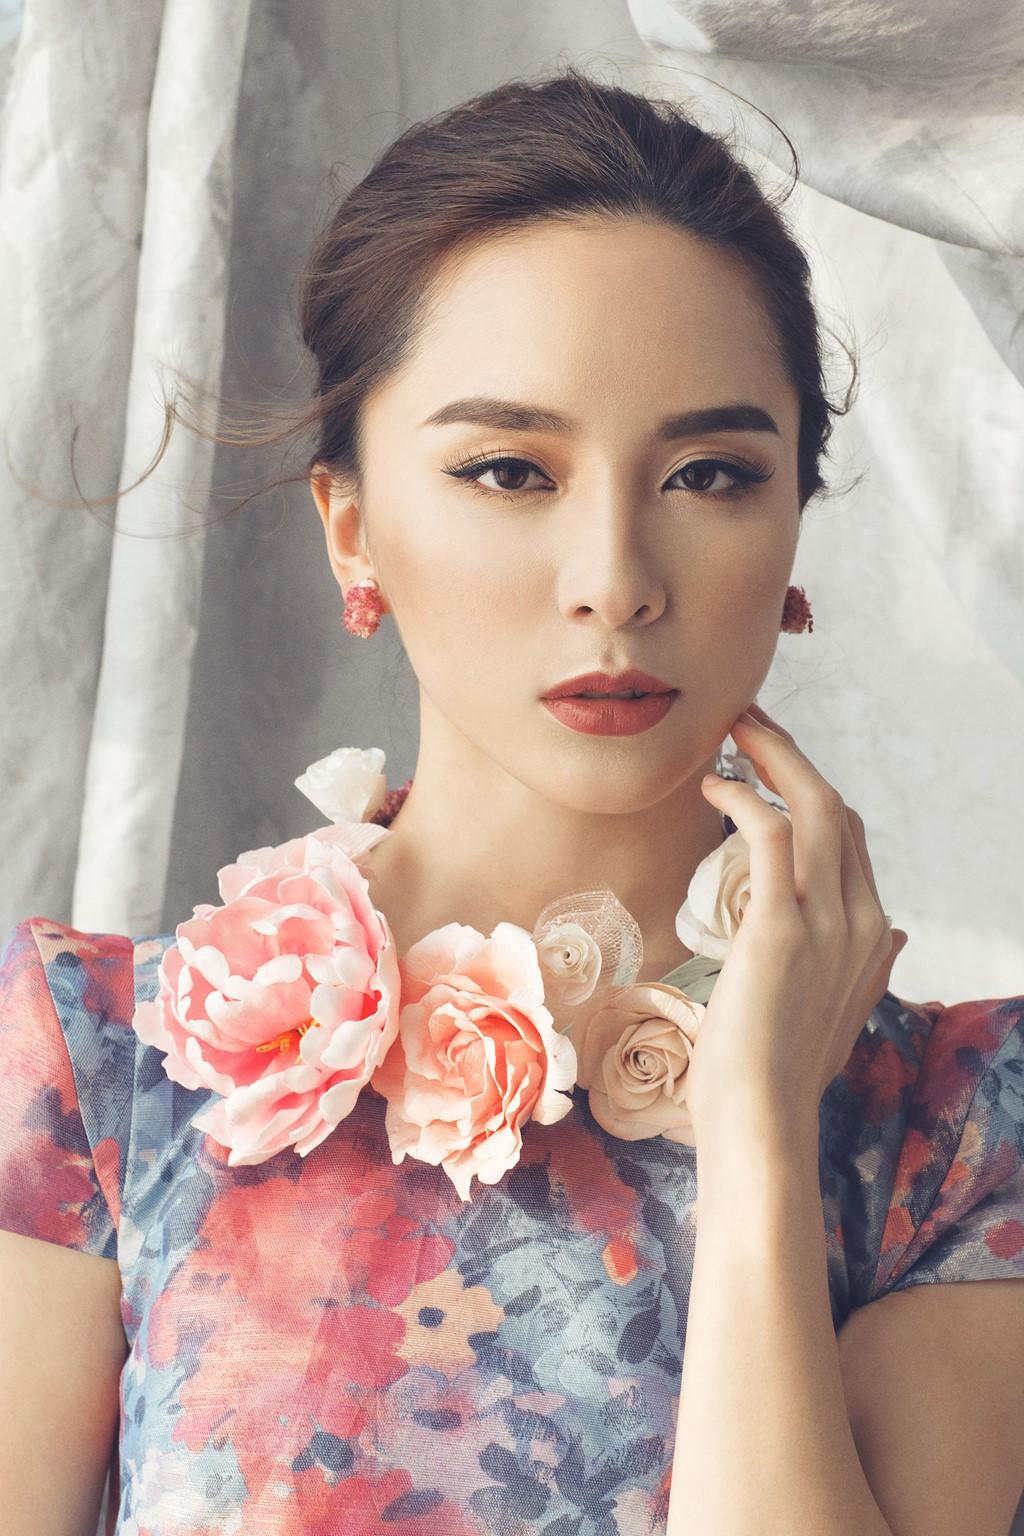 Trước Tú Anh, có 4 nàng Á xinh đẹp cũng tìm được bến đỗ bình yên với gia thế nhà chồng cực khủng - Ảnh 2.